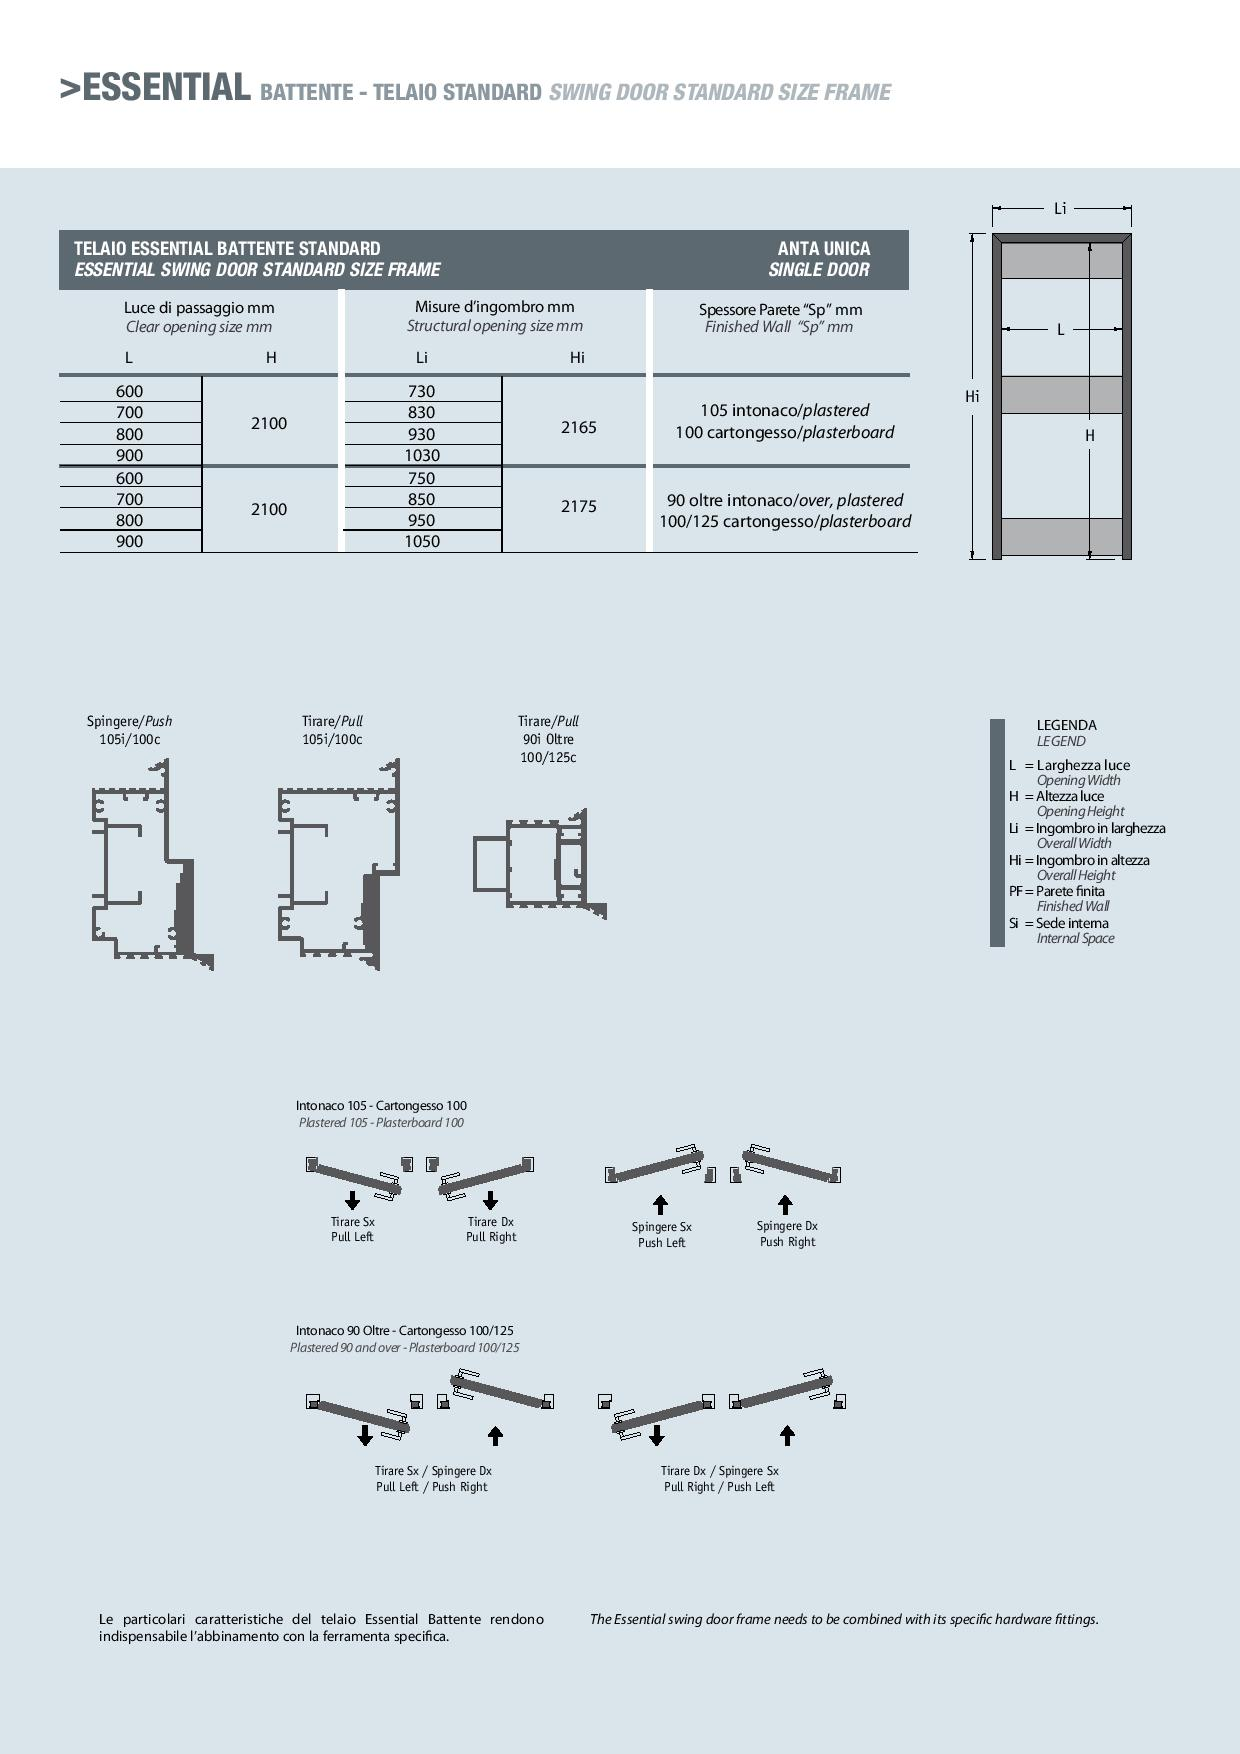 Porta scrigno essential battente intonaco 105 maffei - Porta a scrigno misure ...